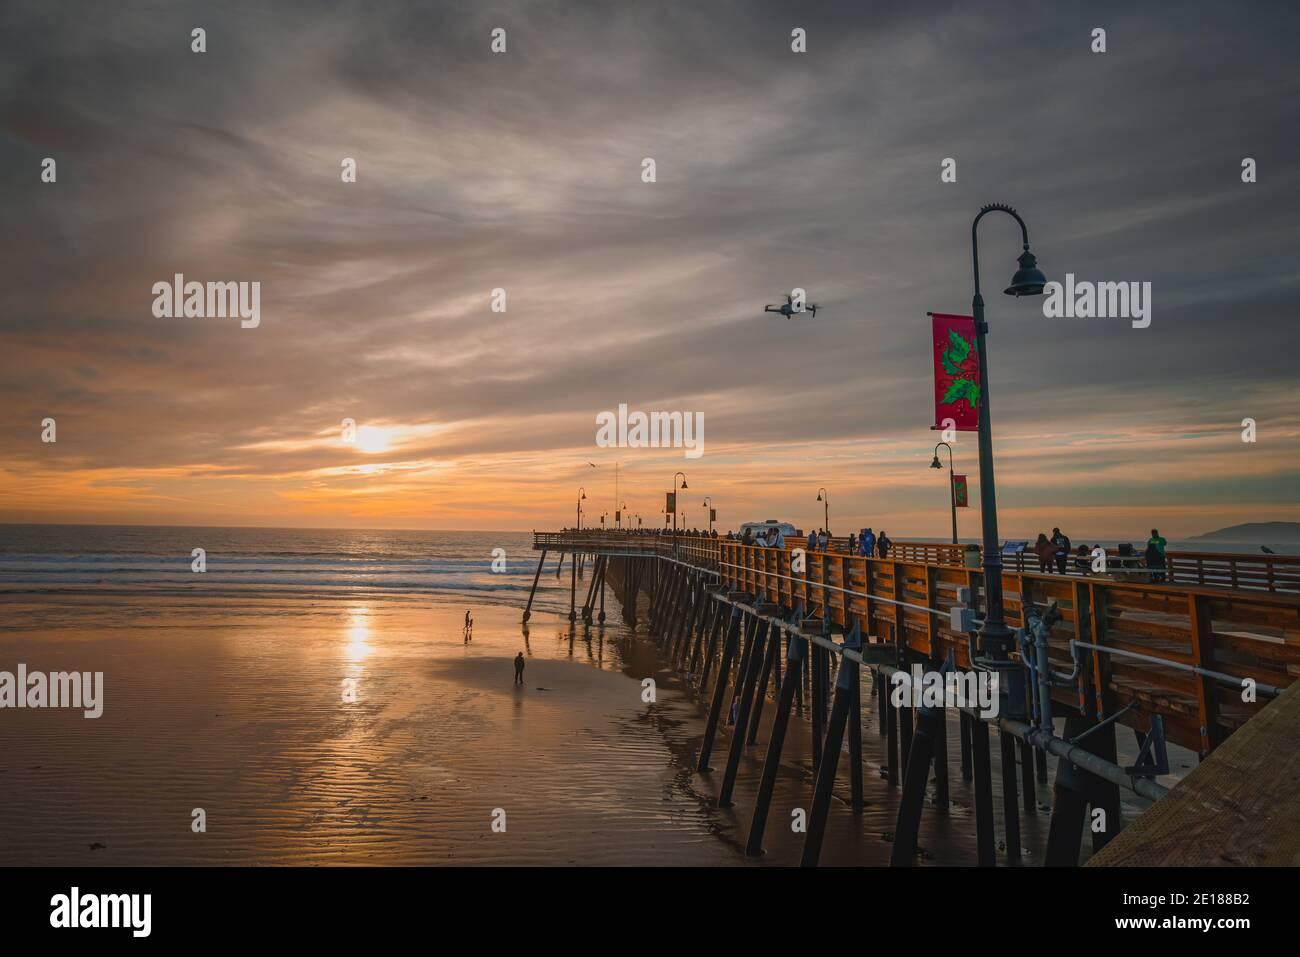 Pismo Beach, California, USA - 1 gennaio 2021 Tramonto sulla spiaggia e sul molo. Un iconico molo in legno della California lungo 370 metri nel cuore del Pismo Foto Stock